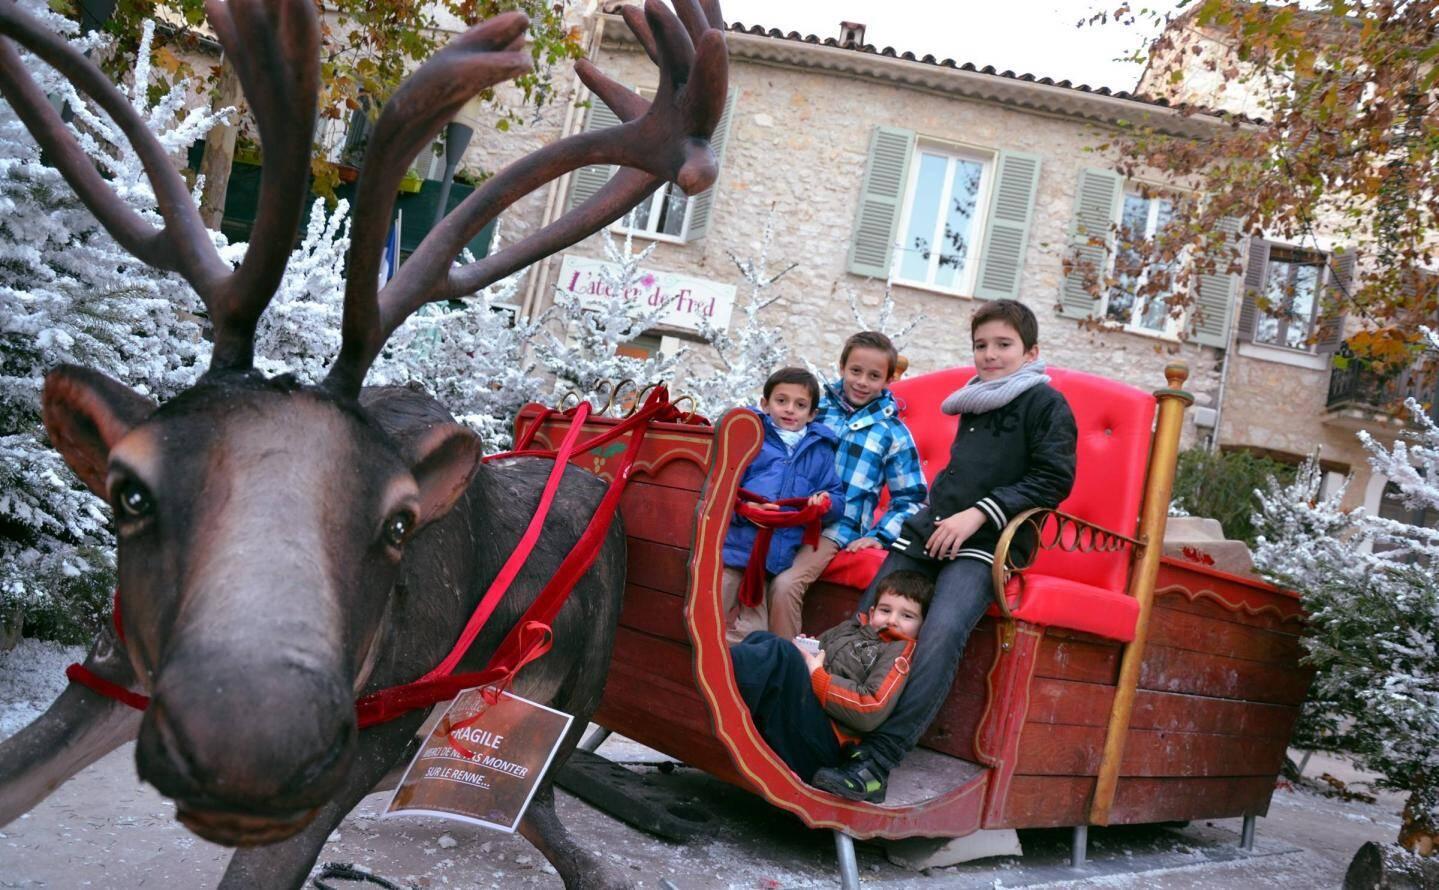 Cette année encore la magie s'installe à La Colle-sur-Loup.Noêl dans le village de La Colle-sur-Loupt